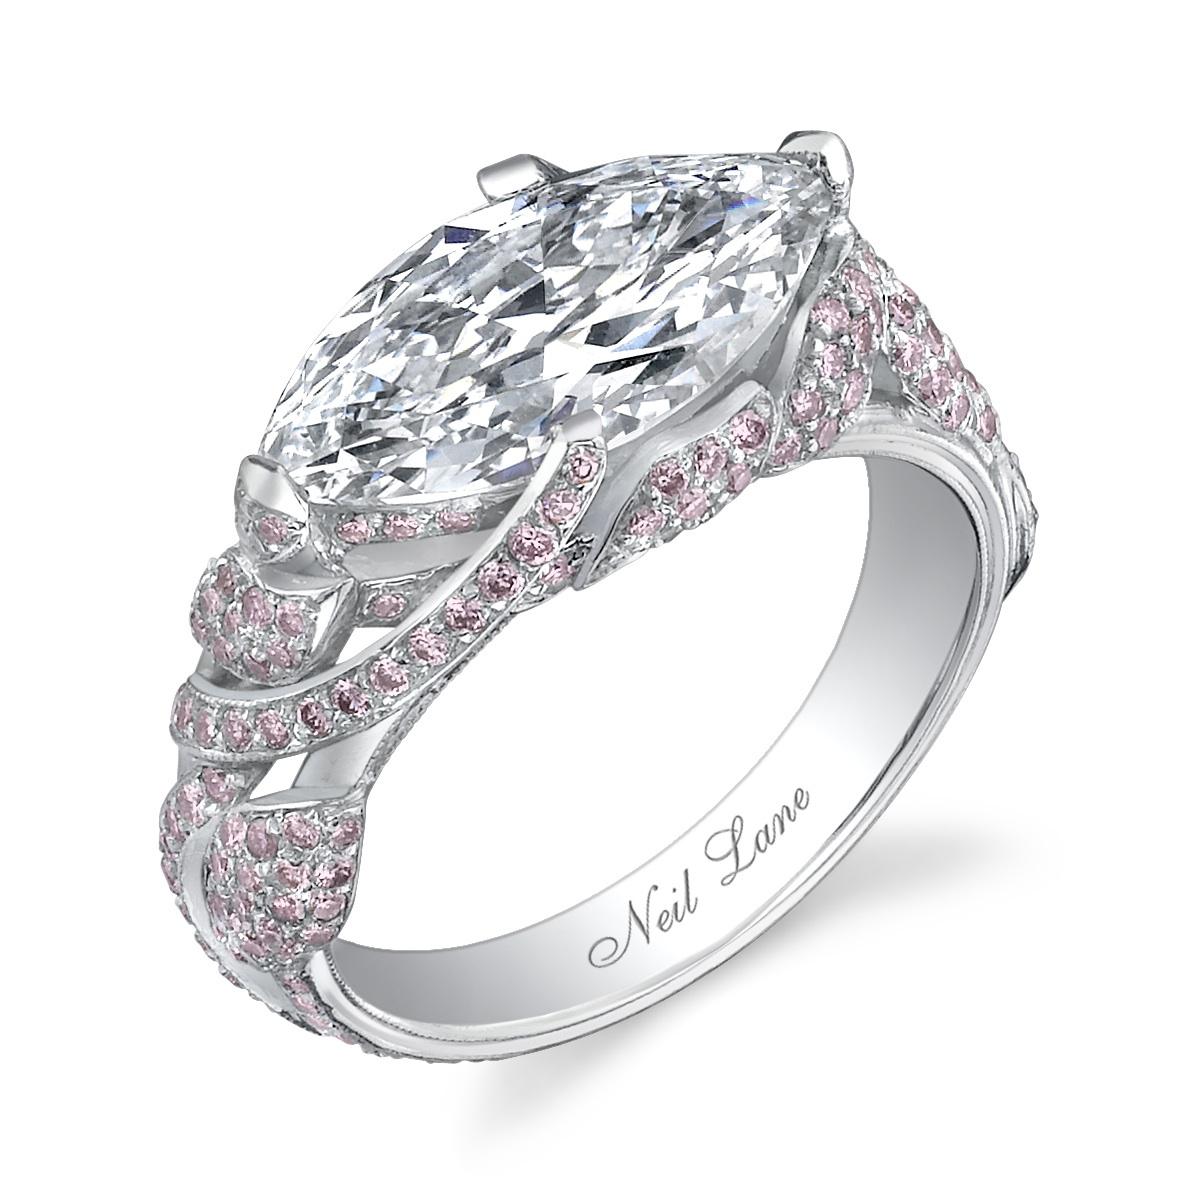 neil lane engagement rings celebrities neil lane wedding rings Portia de Rossi s ring Photo Courtesy of Neil Lane